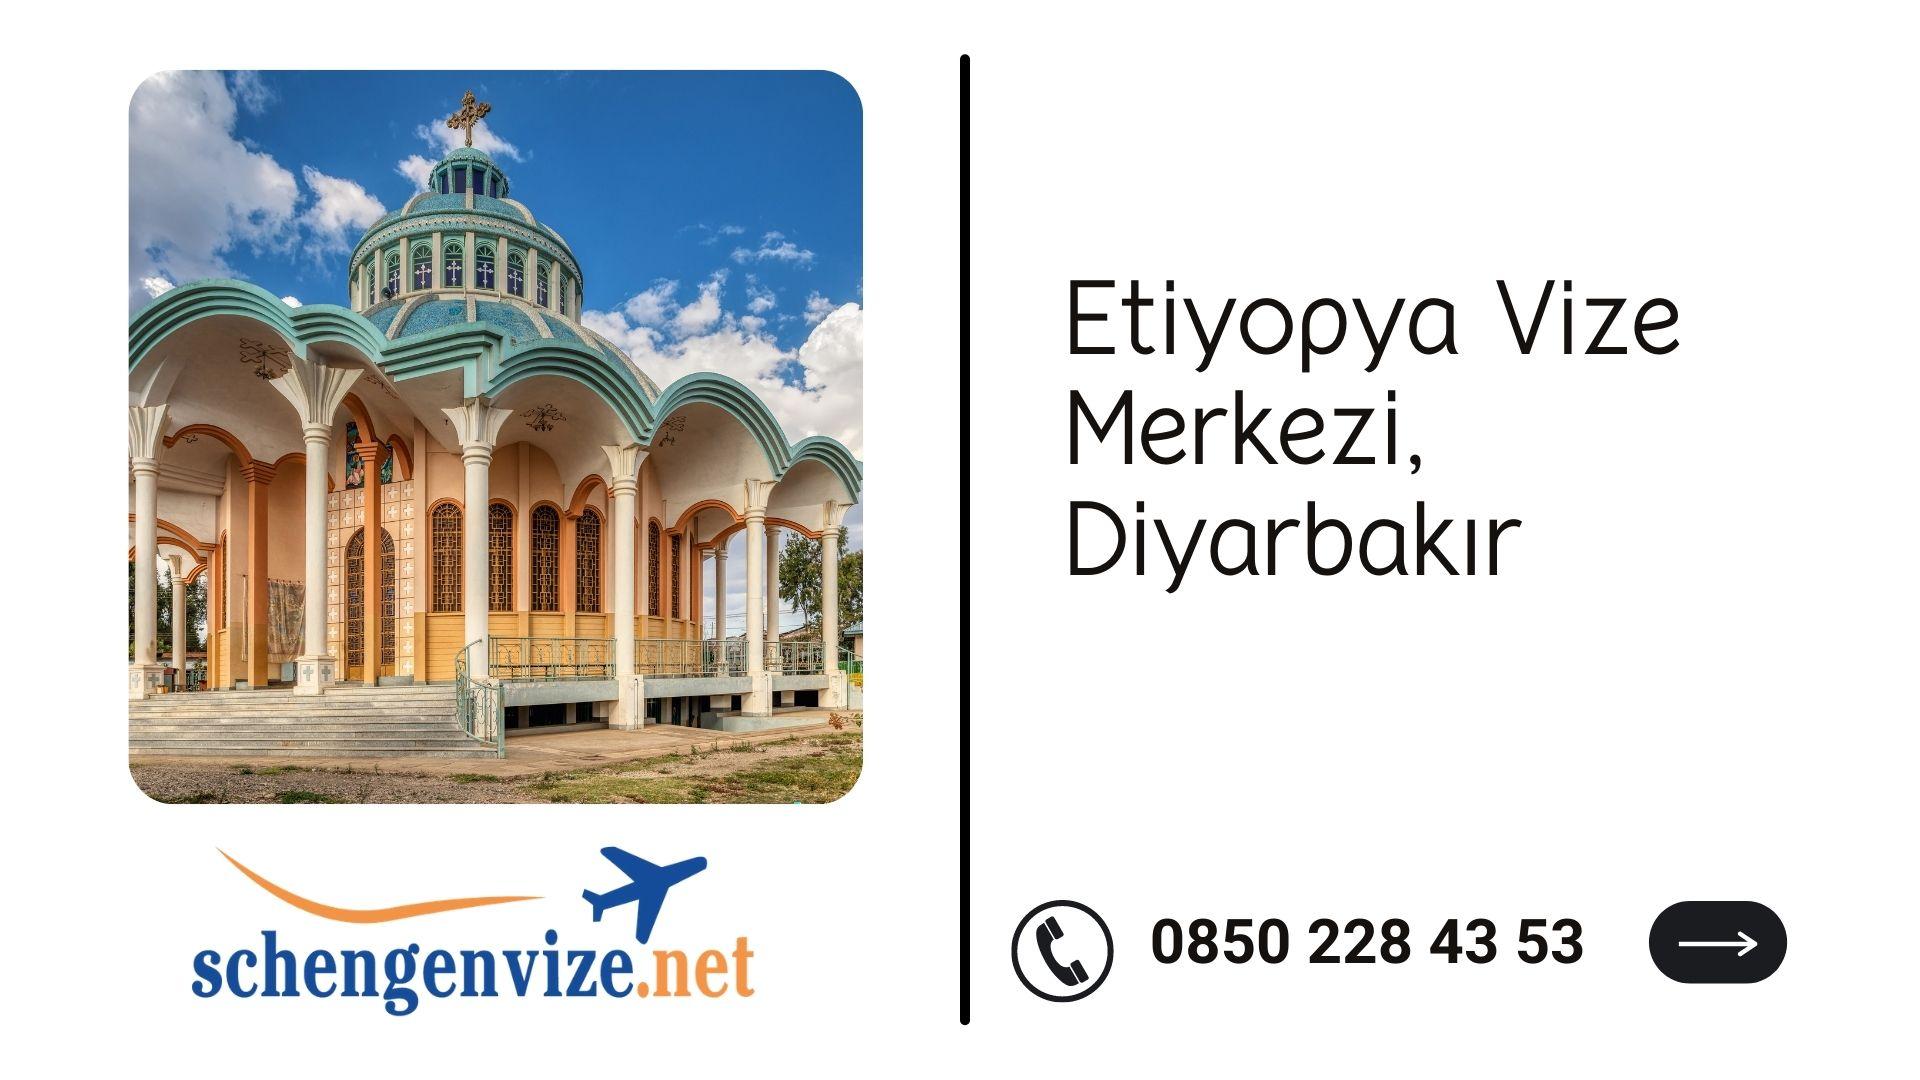 Etiyopya Vize Merkezi, Diyarbakır